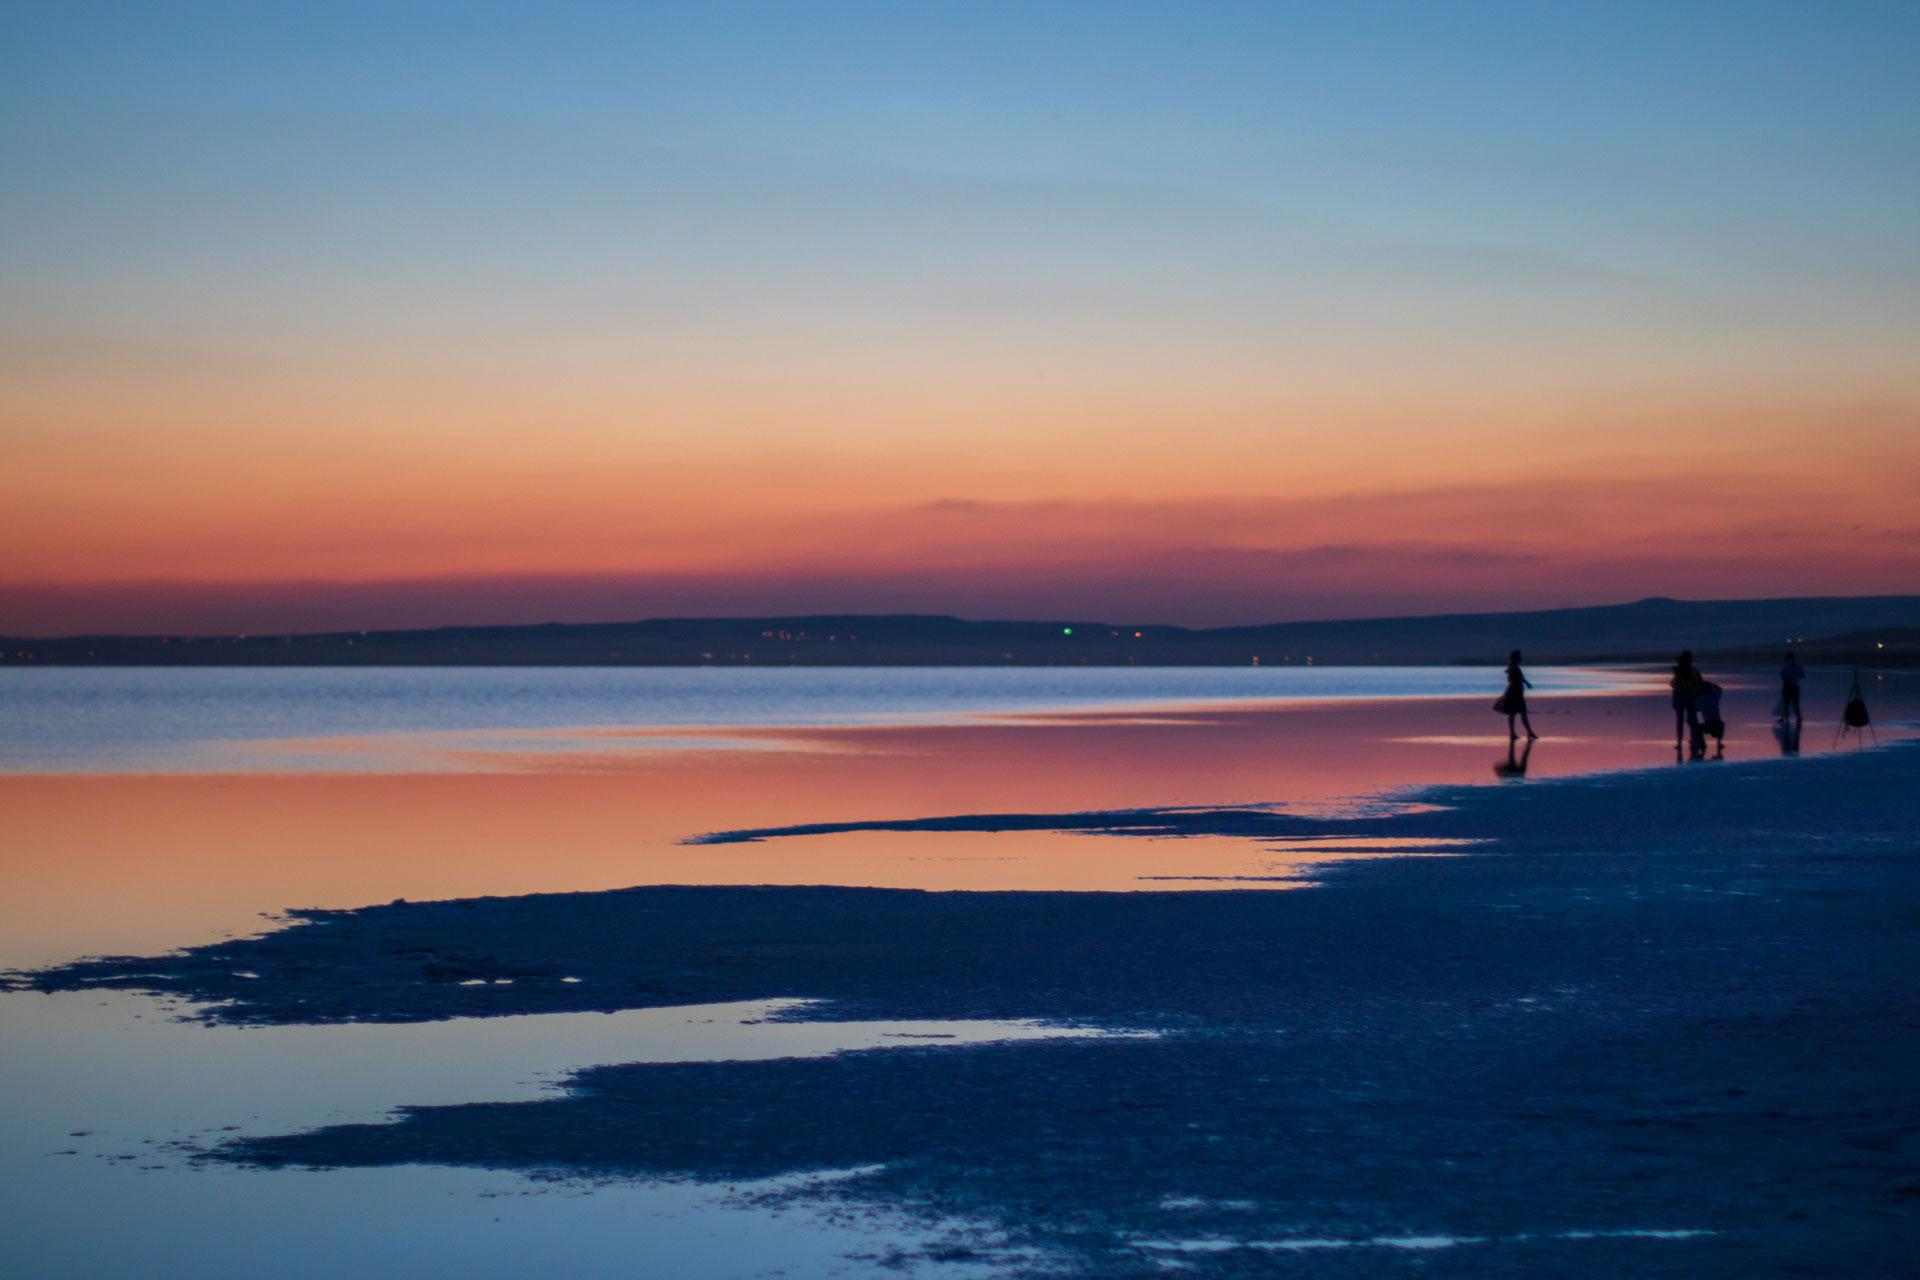 Tuz Gölü Fotoğrafları Tuz gölü resimleri Sunset Gün batımı Çekergezer Hakan Aydın Fotoğrafları Tuz Gölü